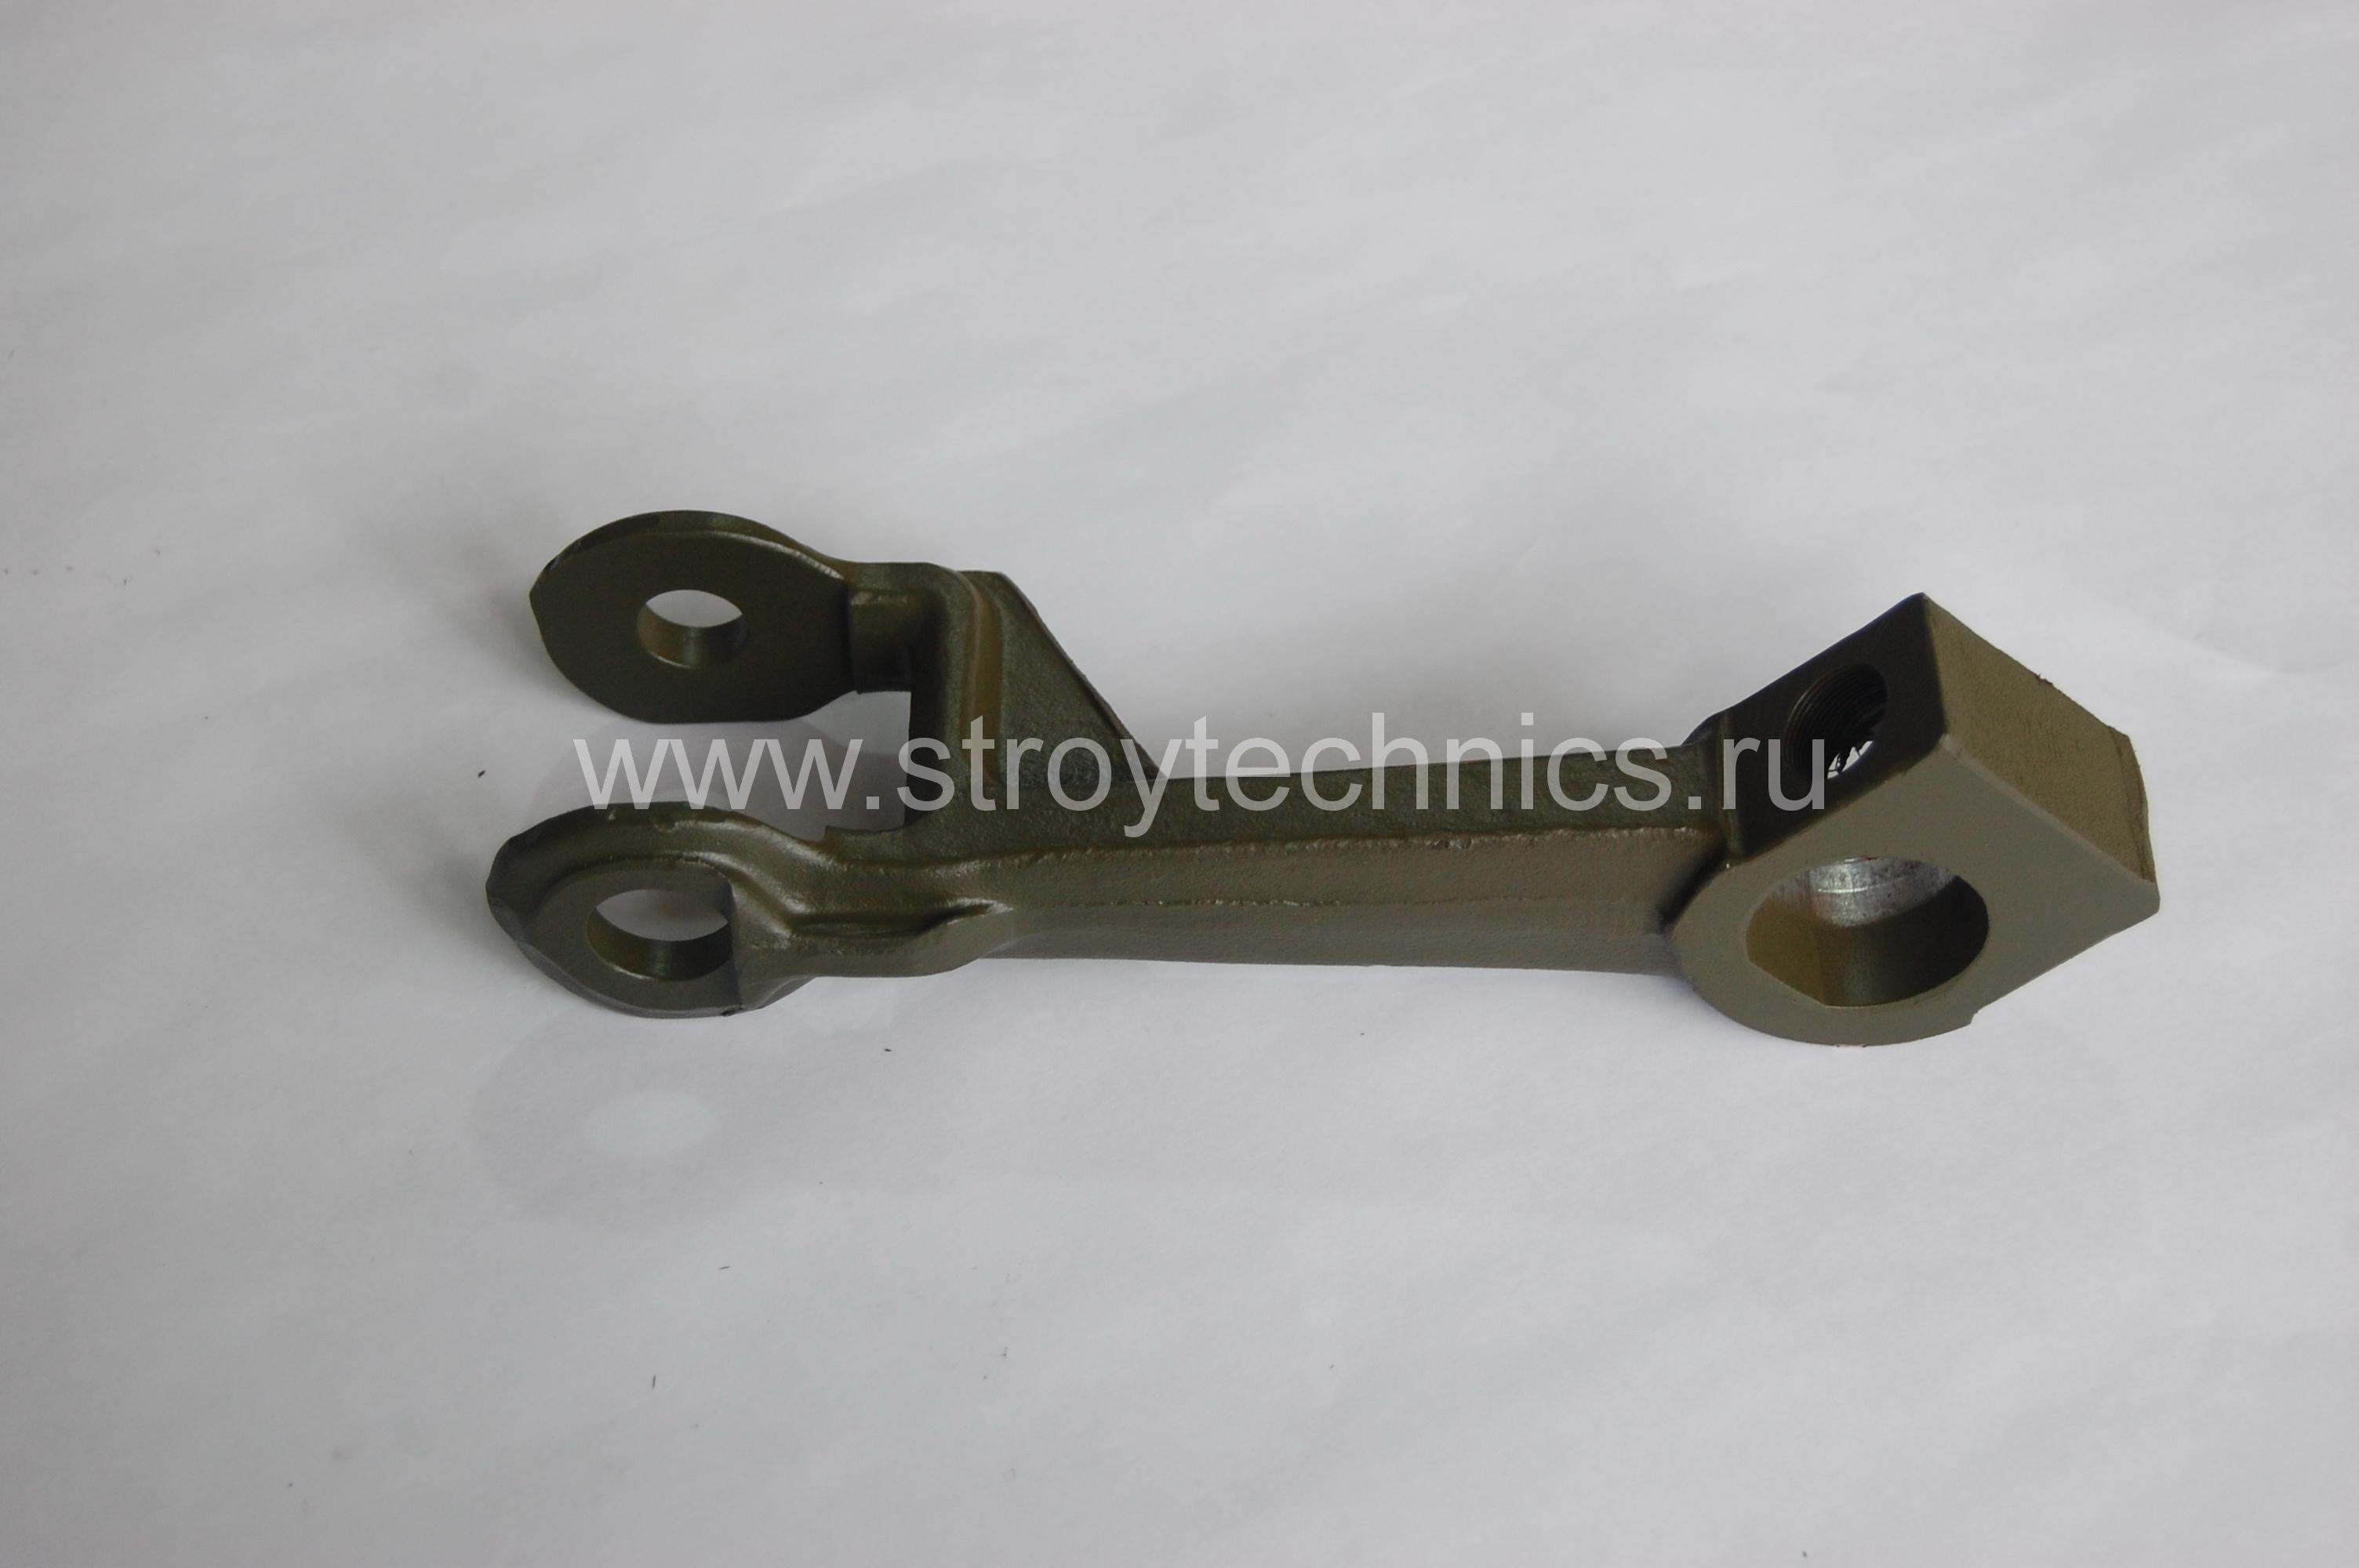 Рычаг внутренний правый (71-2905736-20) ГАЗ-71, ГАЗ-34039, ГАЗ-34036, ЗЗГТ